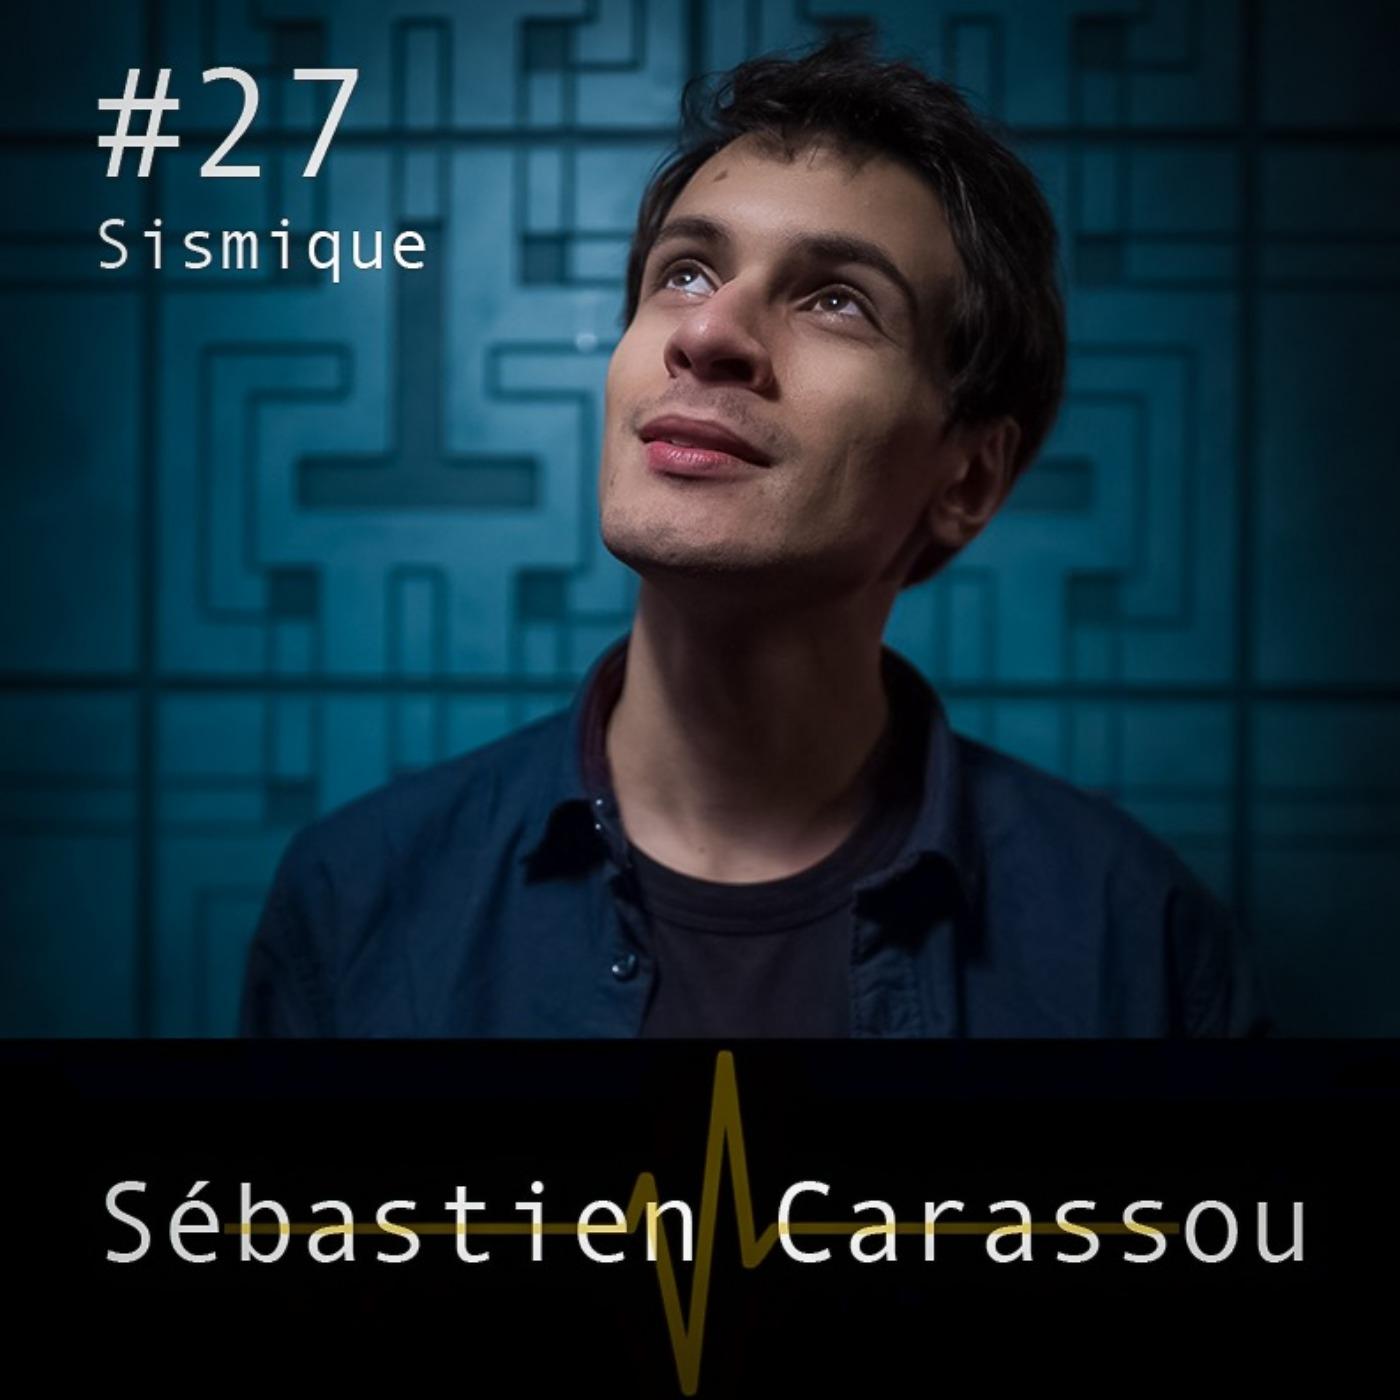 (1) L'astrophysique pour mieux comprendre le monde - Sébastien Carassou